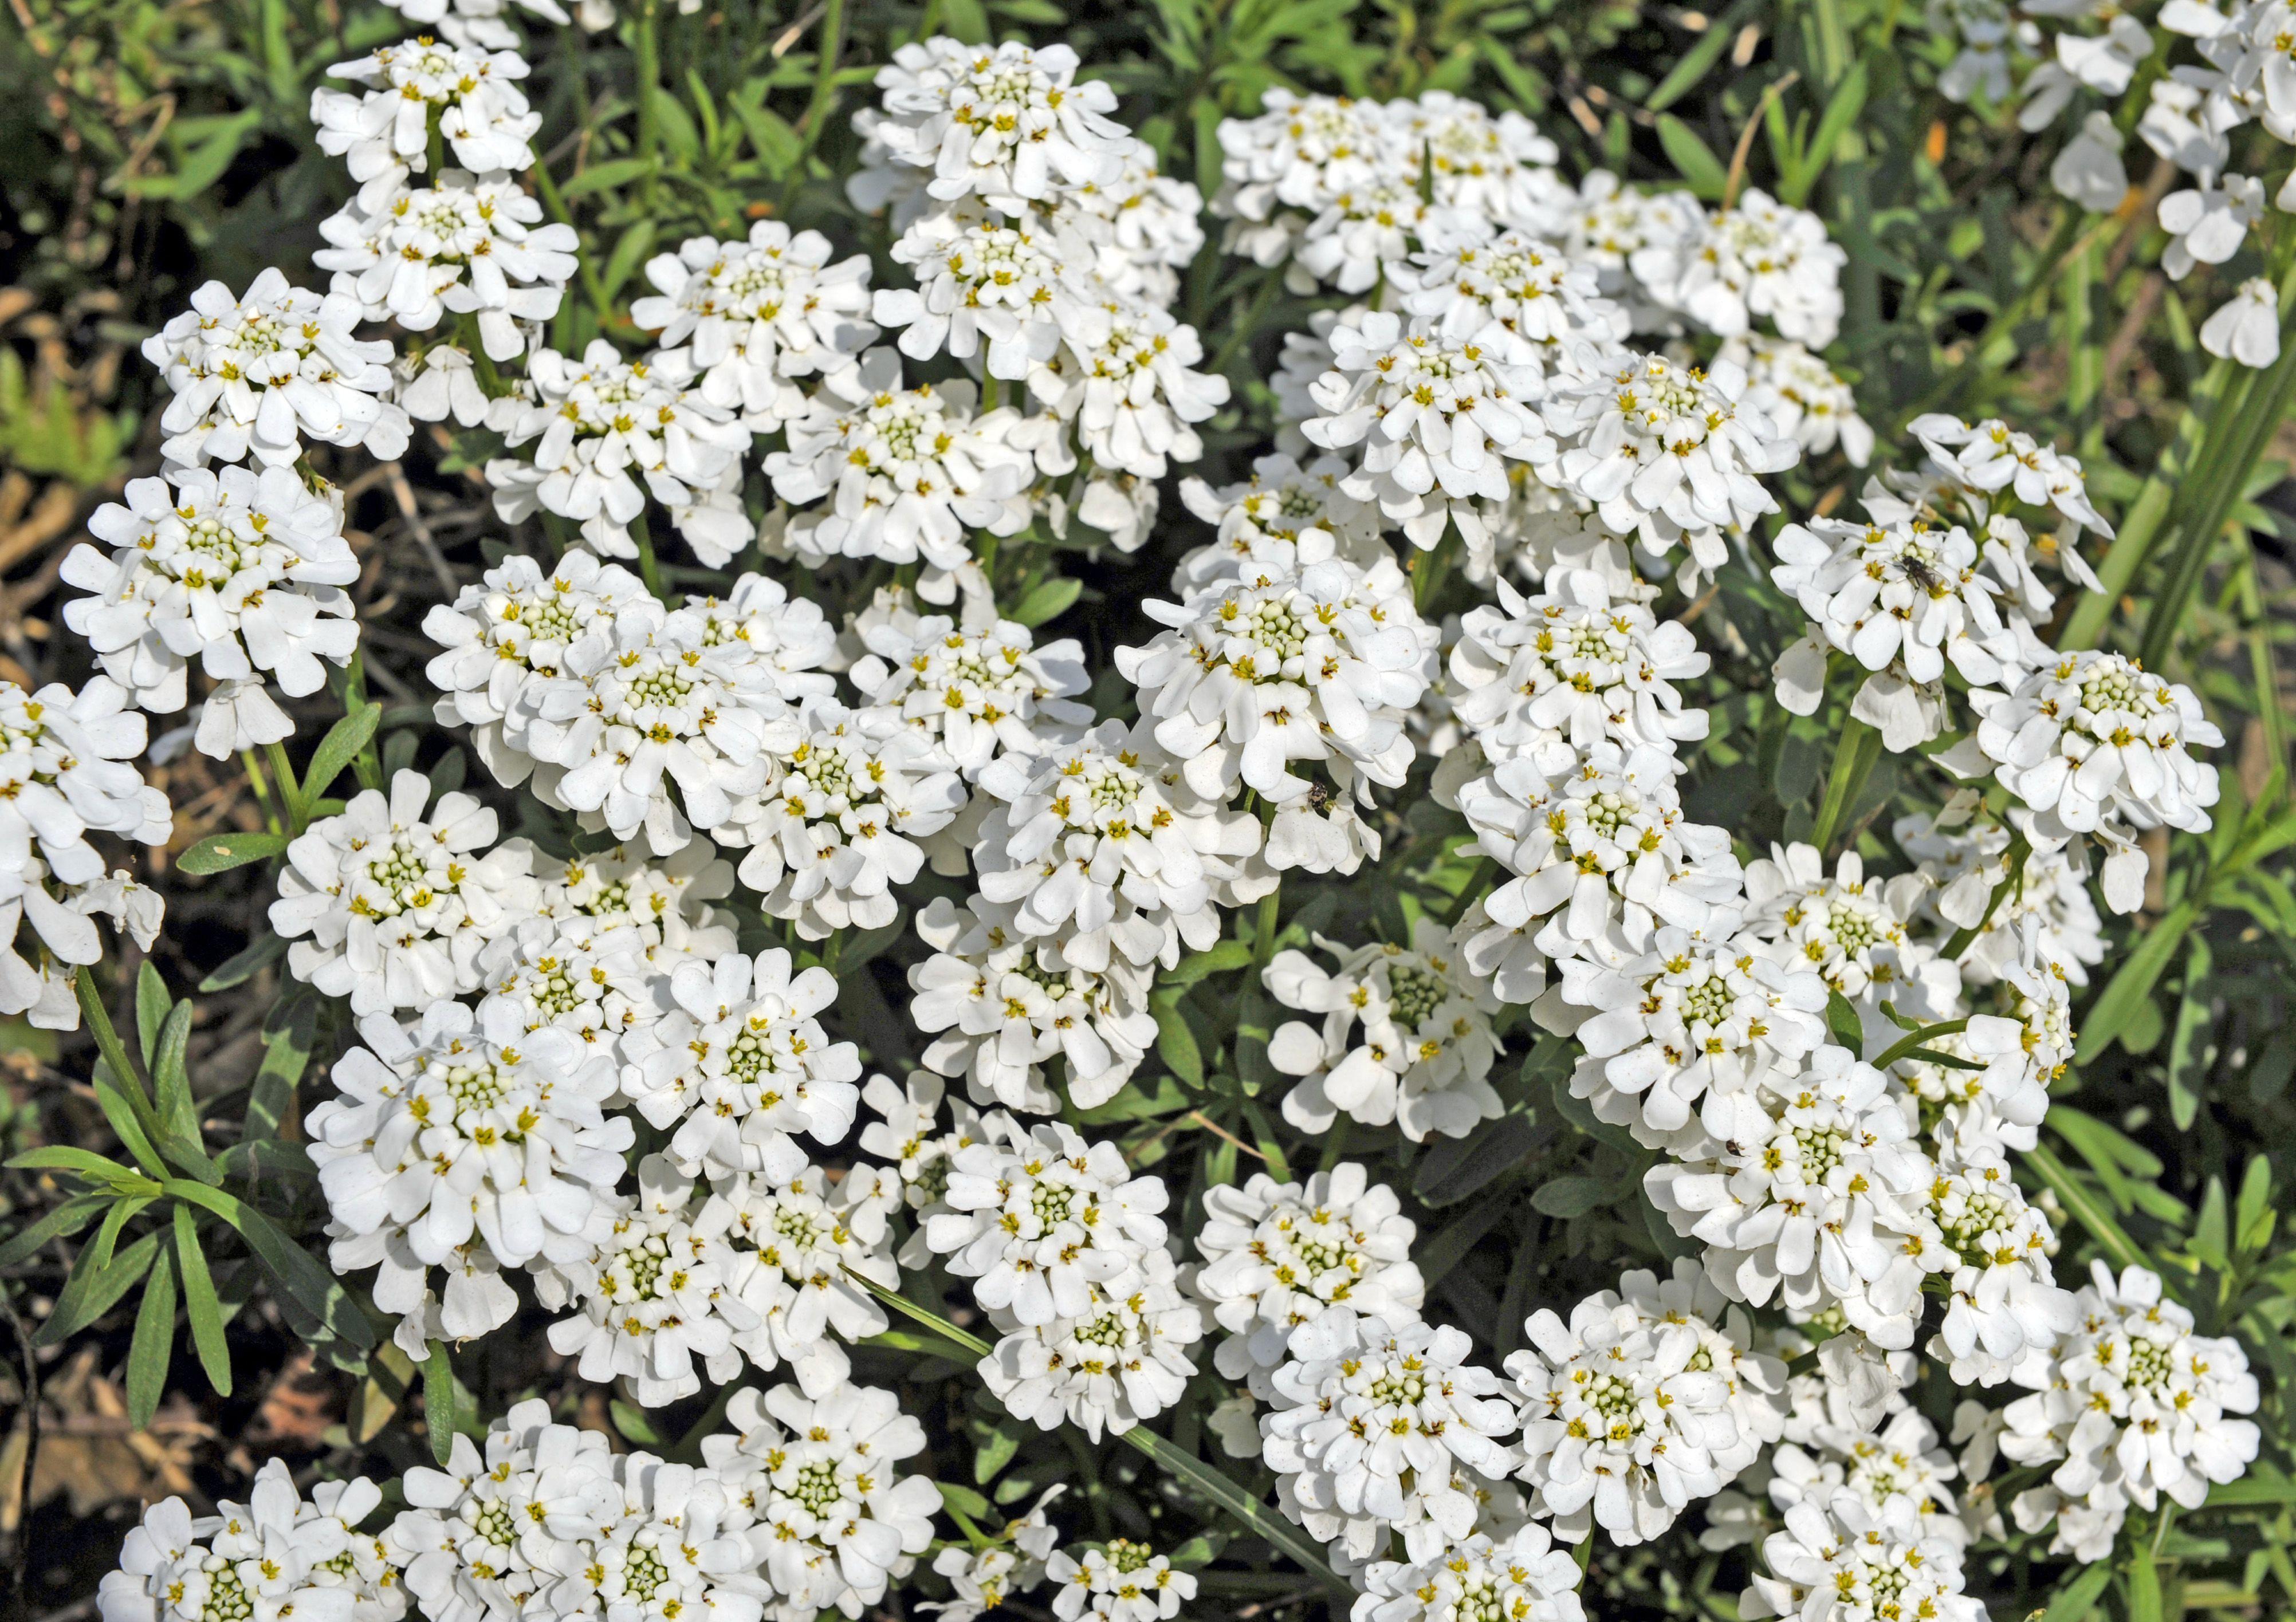 Full Sun Spring Perennials To Plant For A Gorgeous Garden In 2020 Spring Perennials Perennials Pollinator Garden